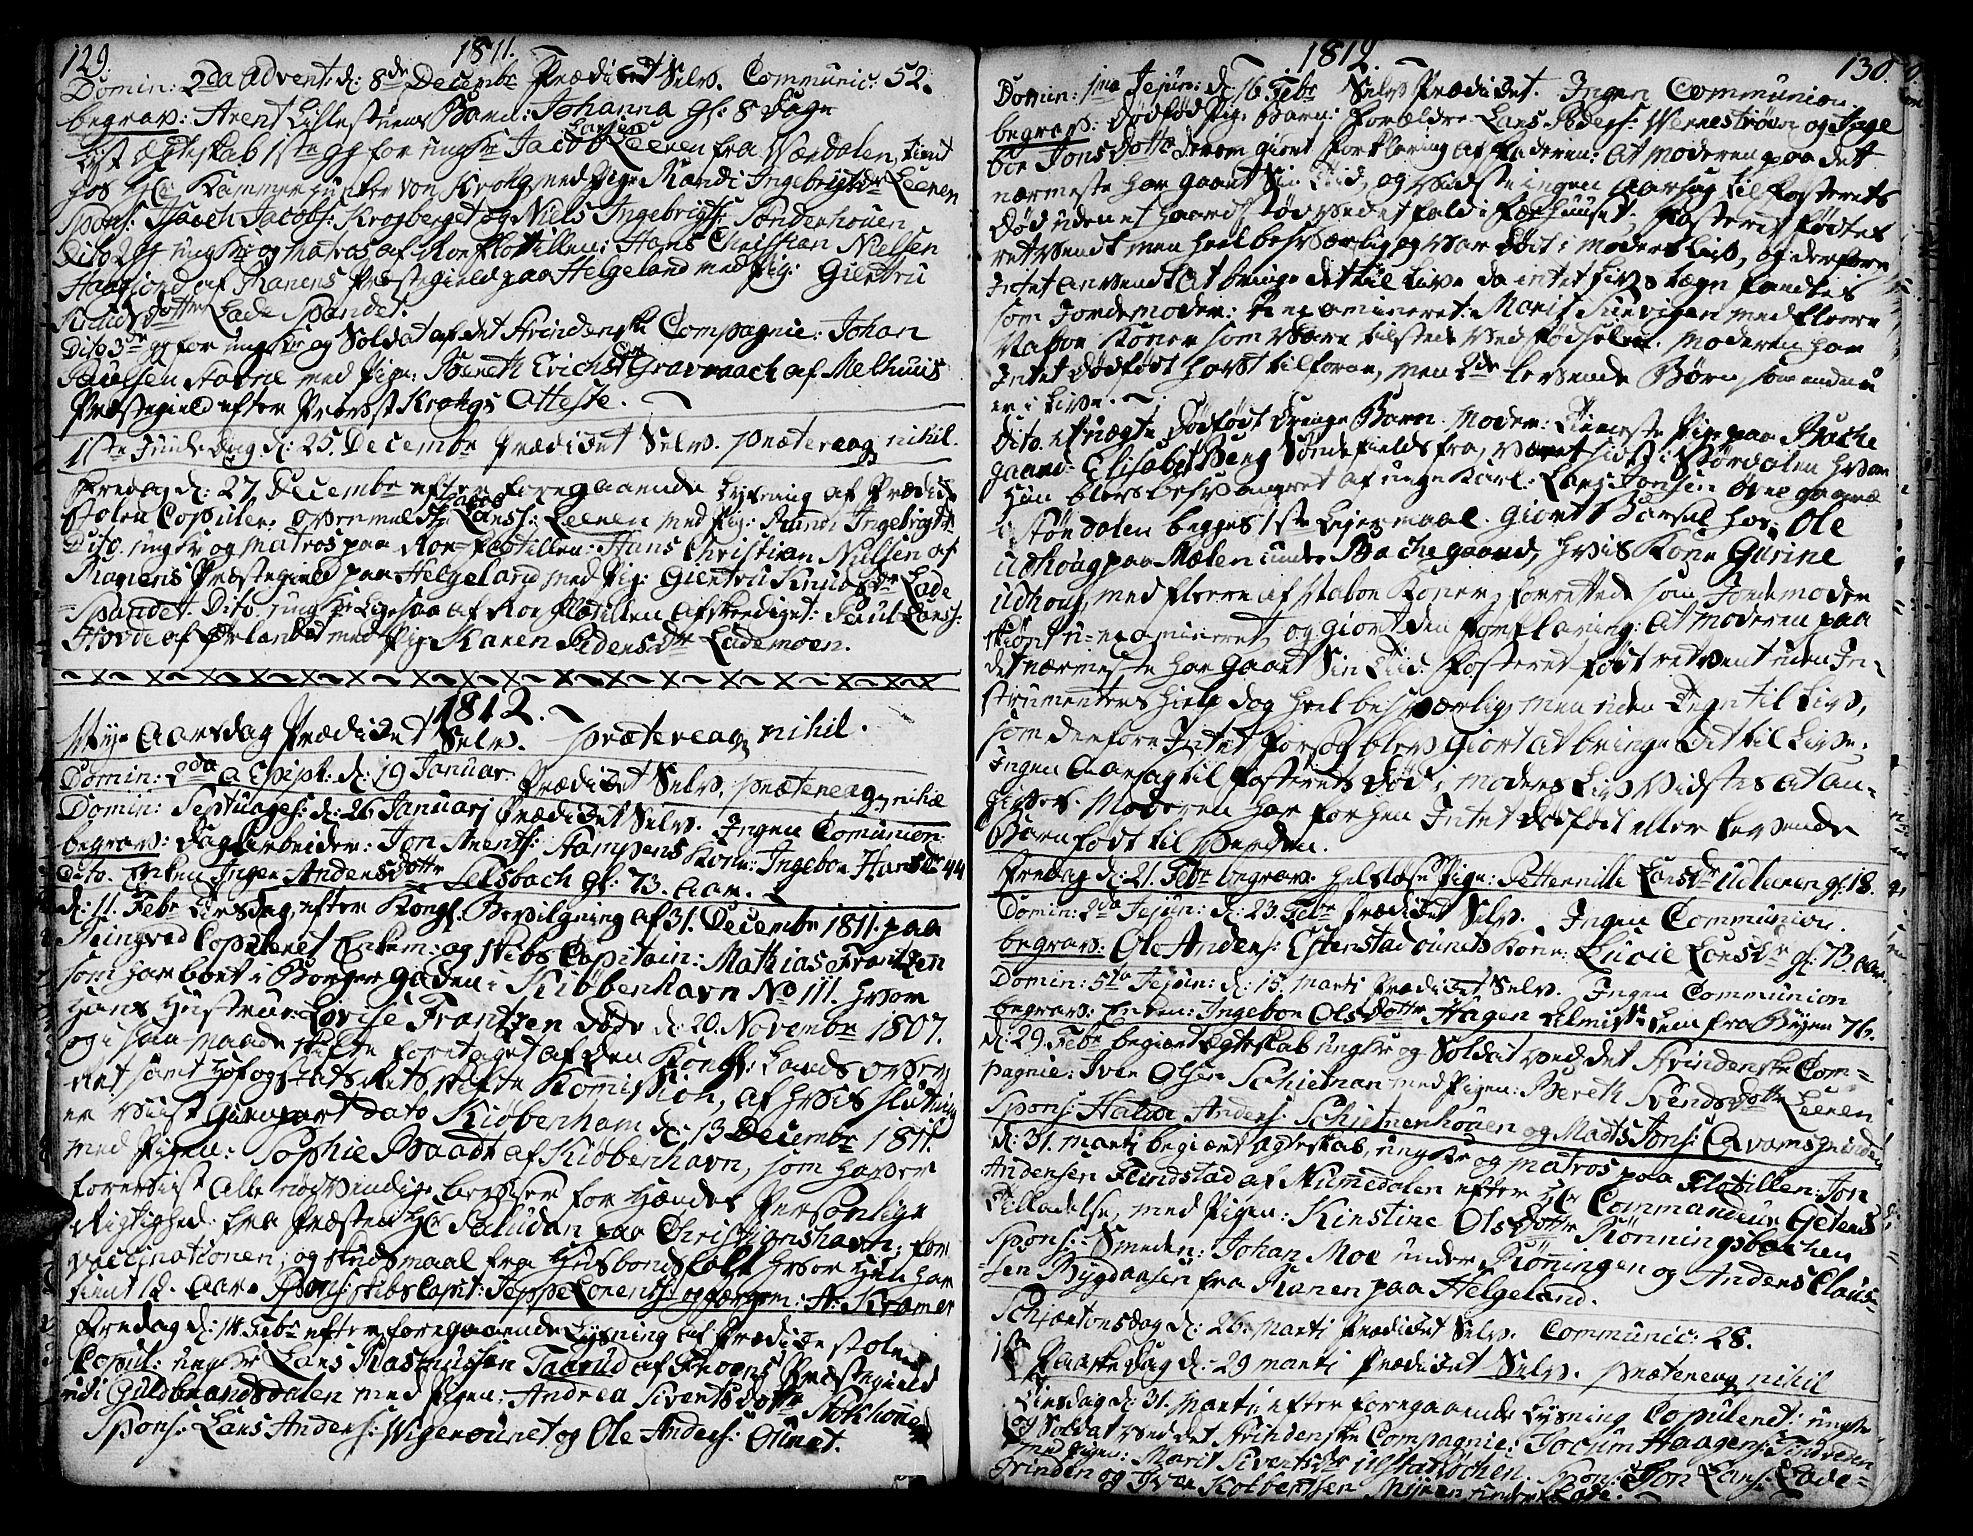 SAT, Ministerialprotokoller, klokkerbøker og fødselsregistre - Sør-Trøndelag, 606/L0280: Ministerialbok nr. 606A02 /1, 1781-1817, s. 129-130